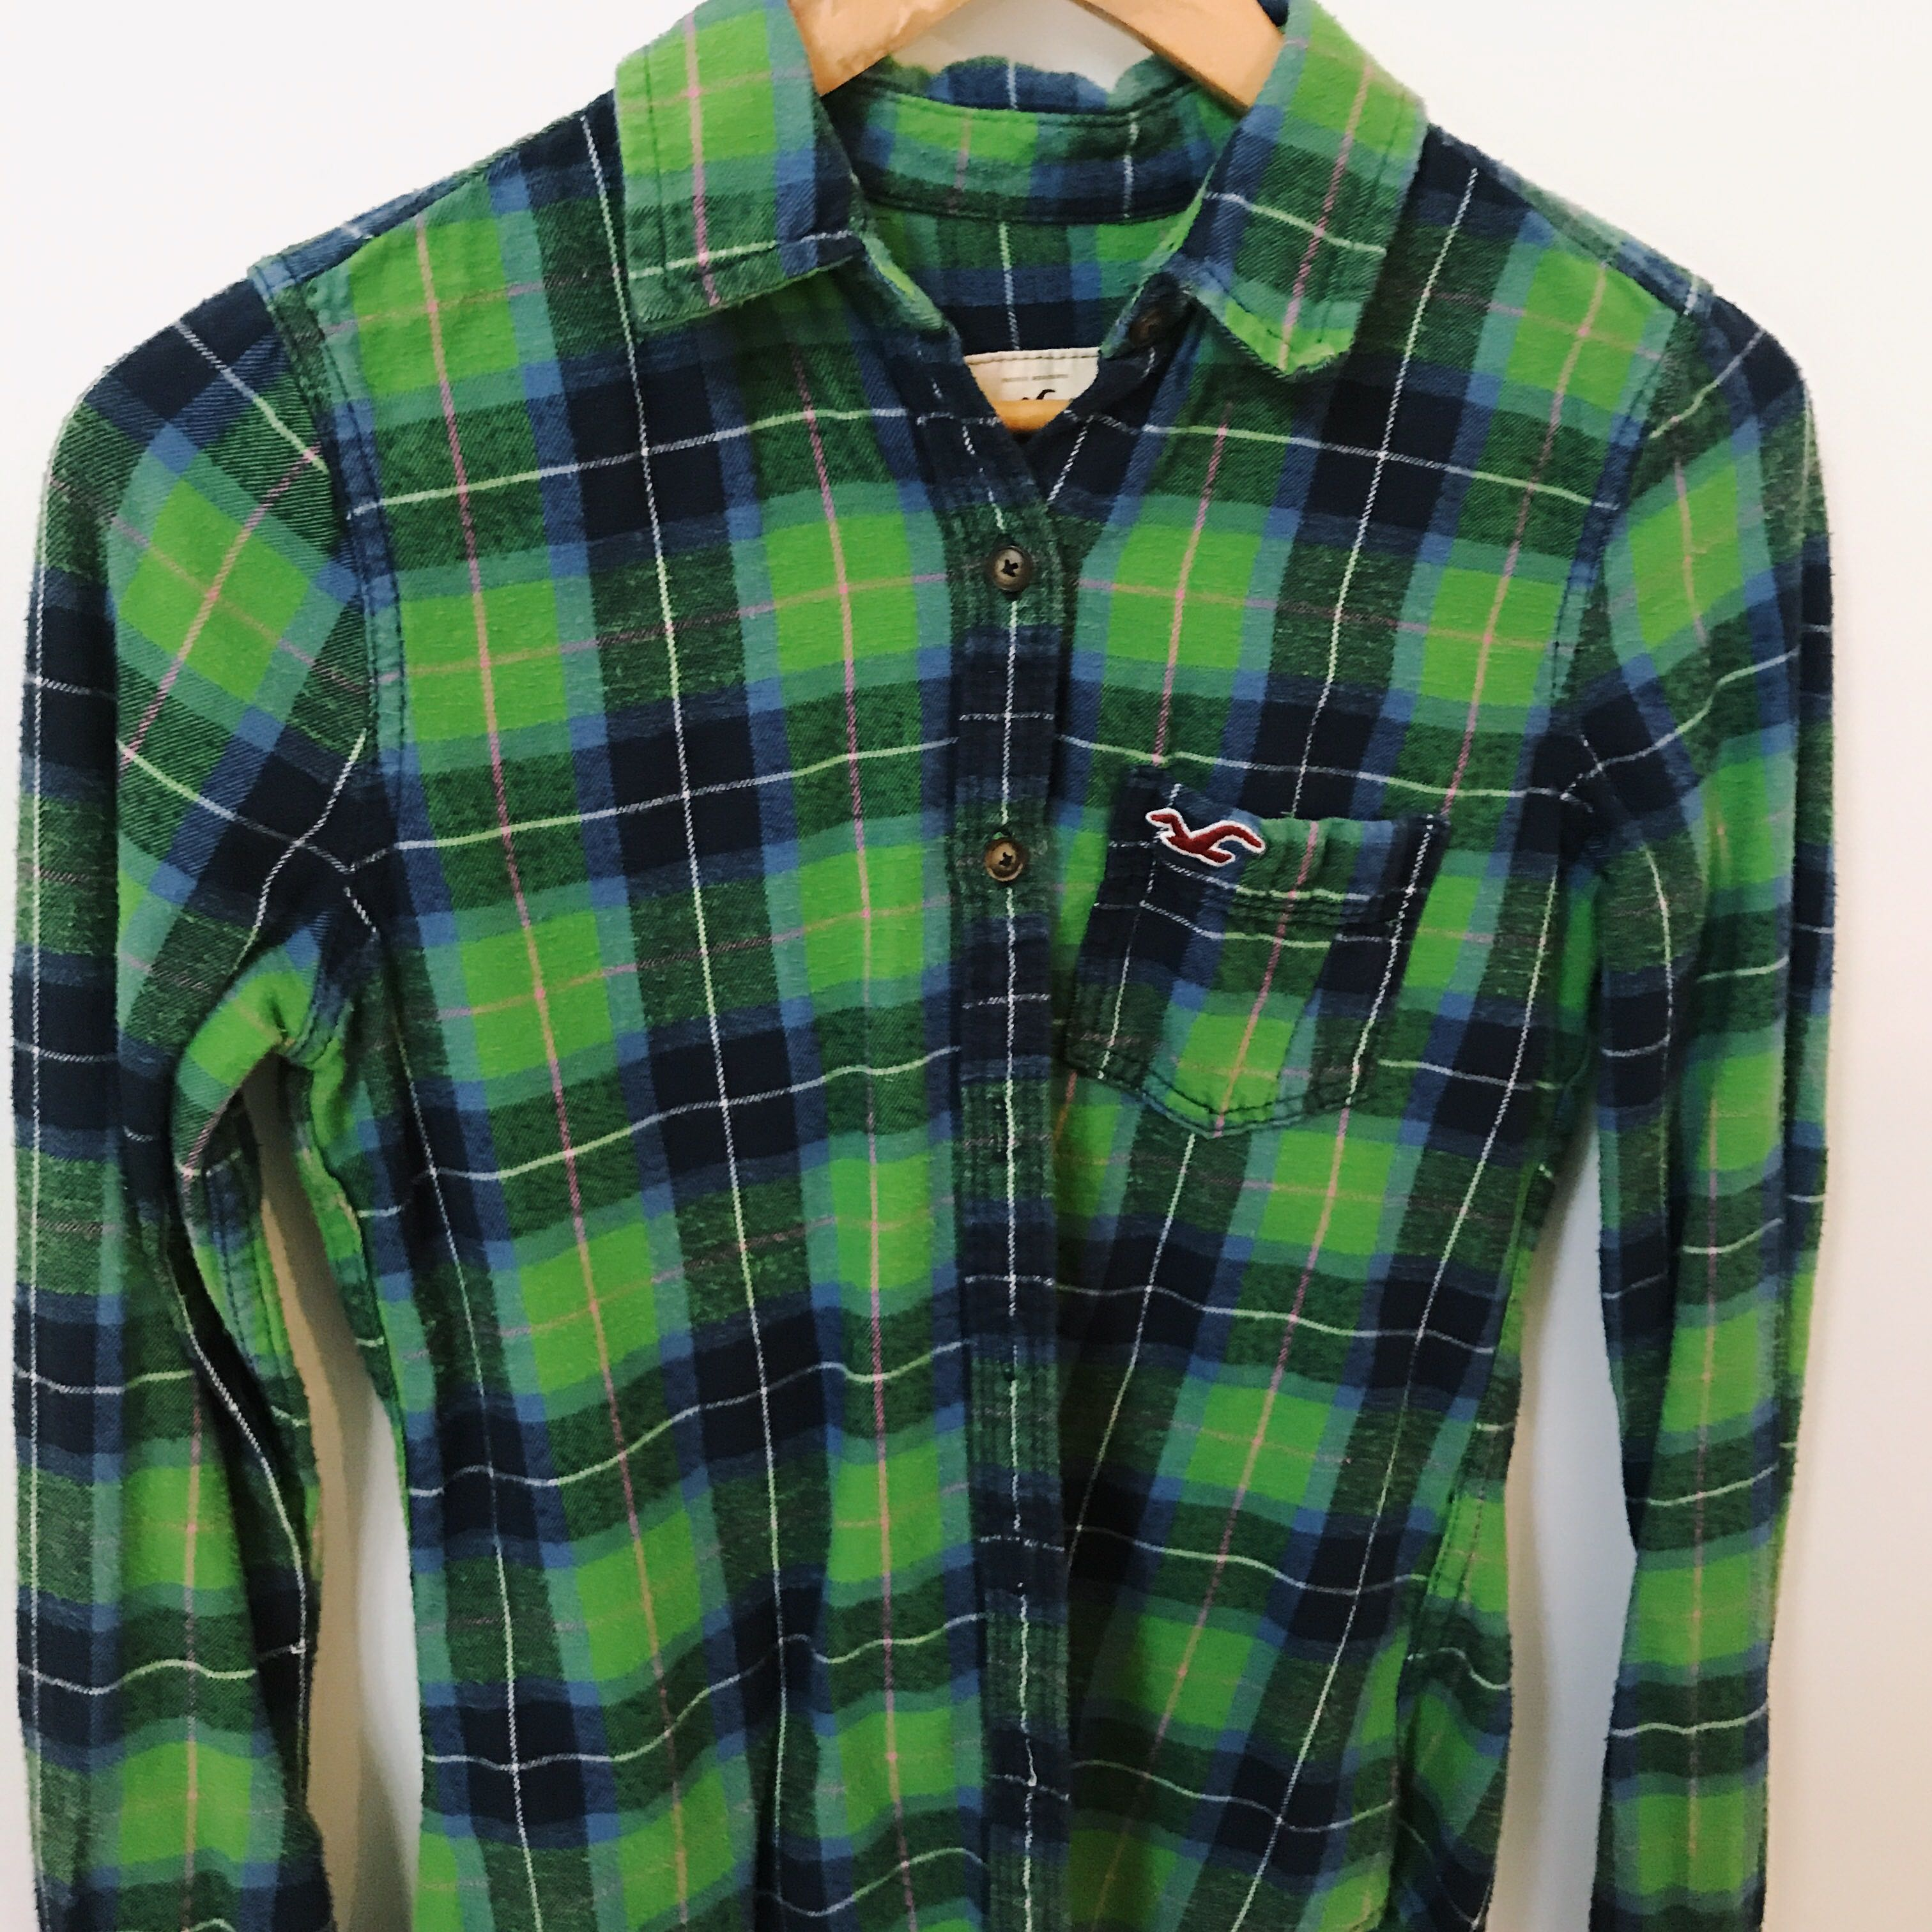 Plaid Button-Up Shirt